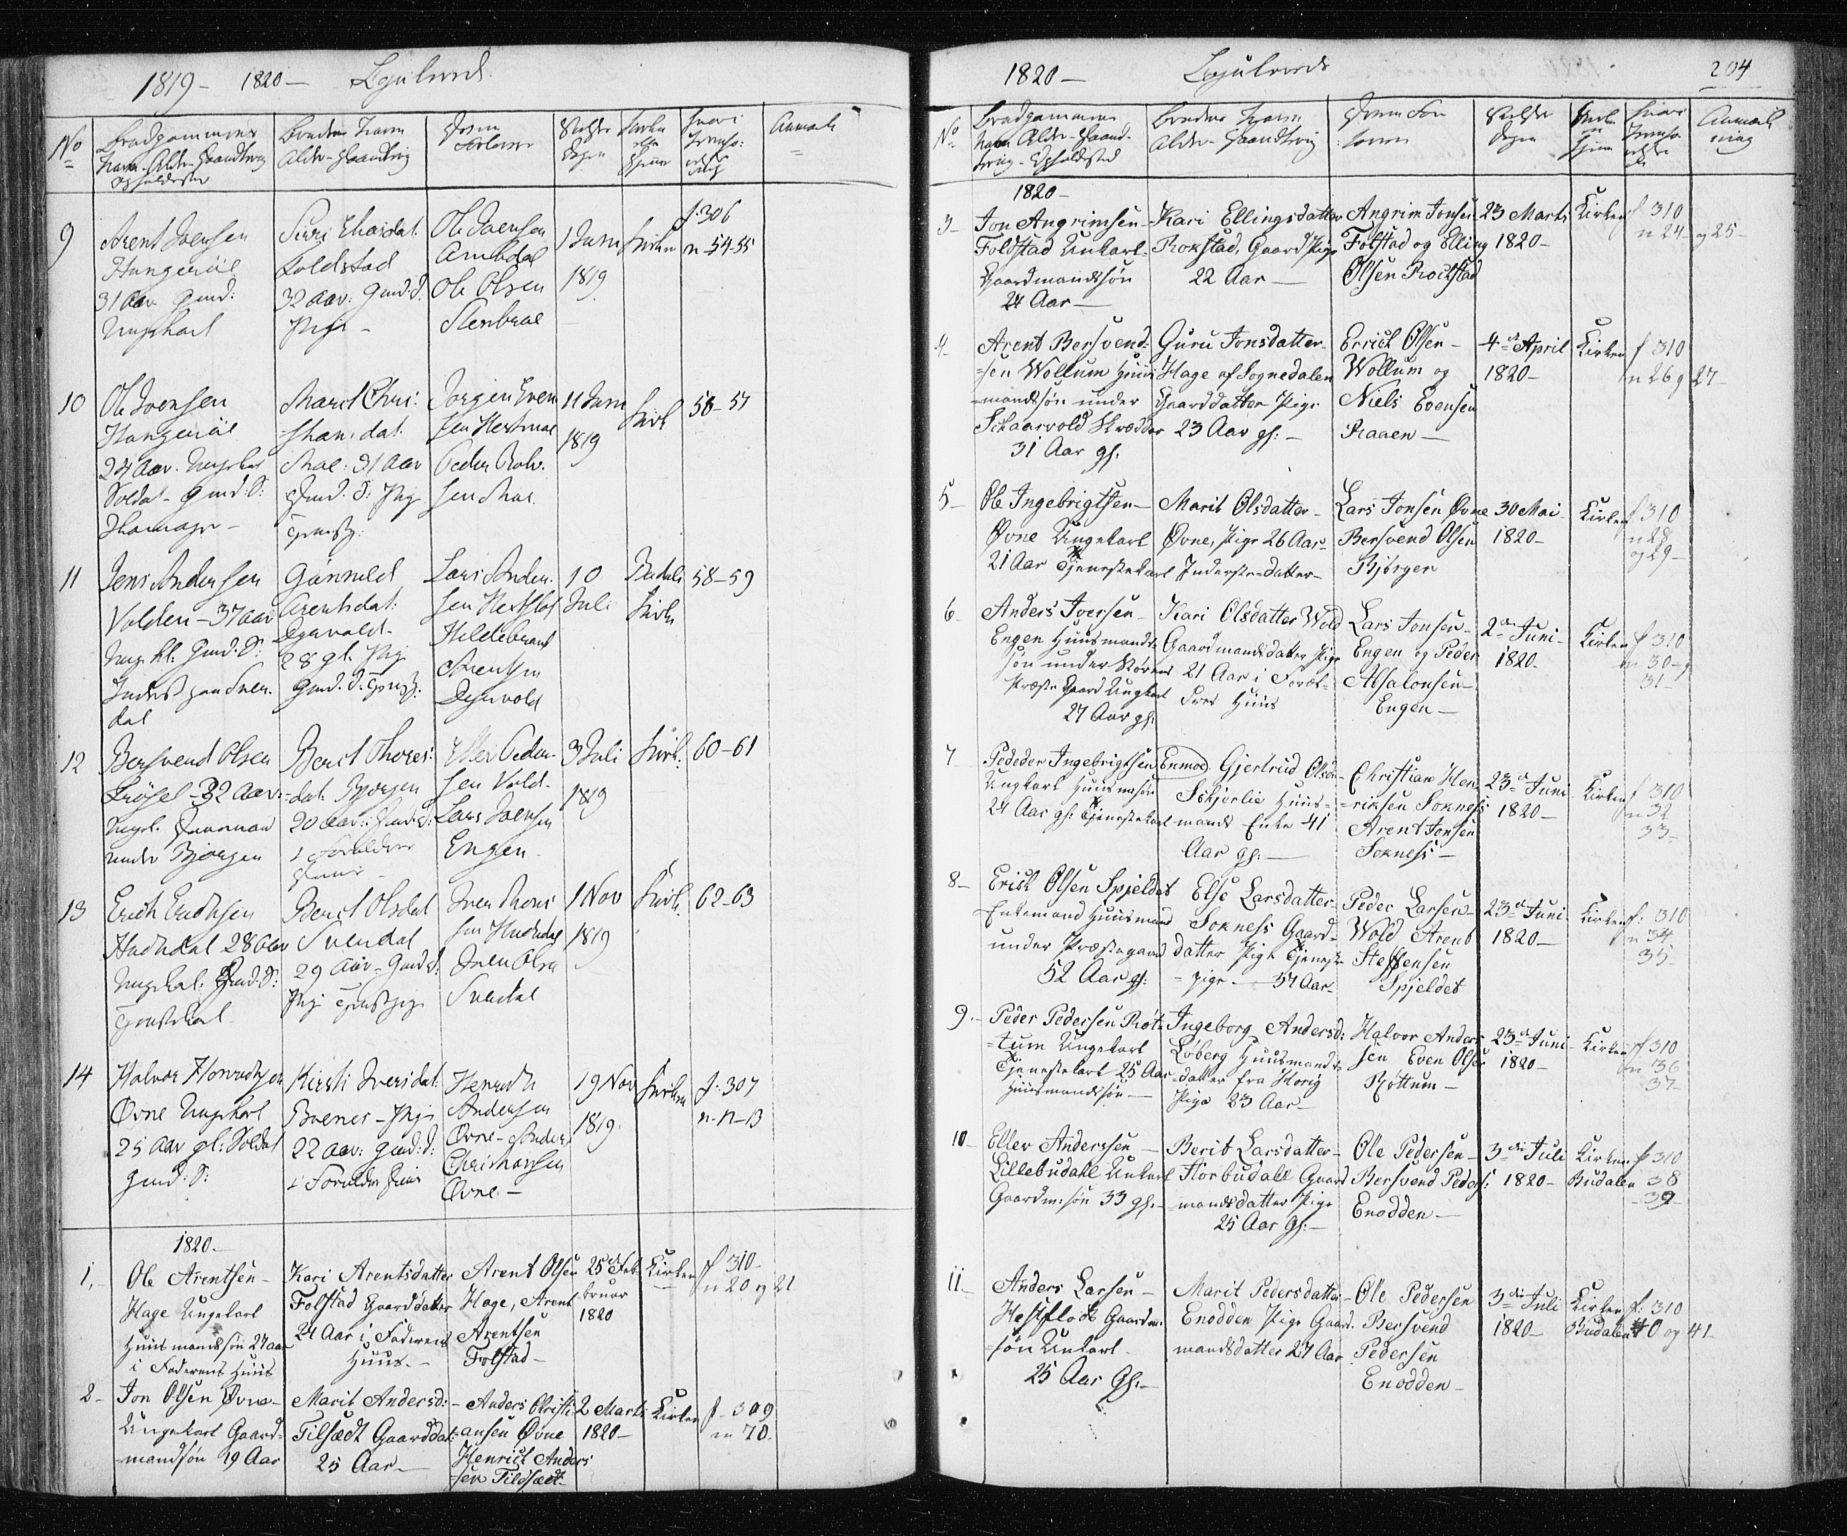 SAT, Ministerialprotokoller, klokkerbøker og fødselsregistre - Sør-Trøndelag, 687/L1017: Klokkerbok nr. 687C01, 1816-1837, s. 204